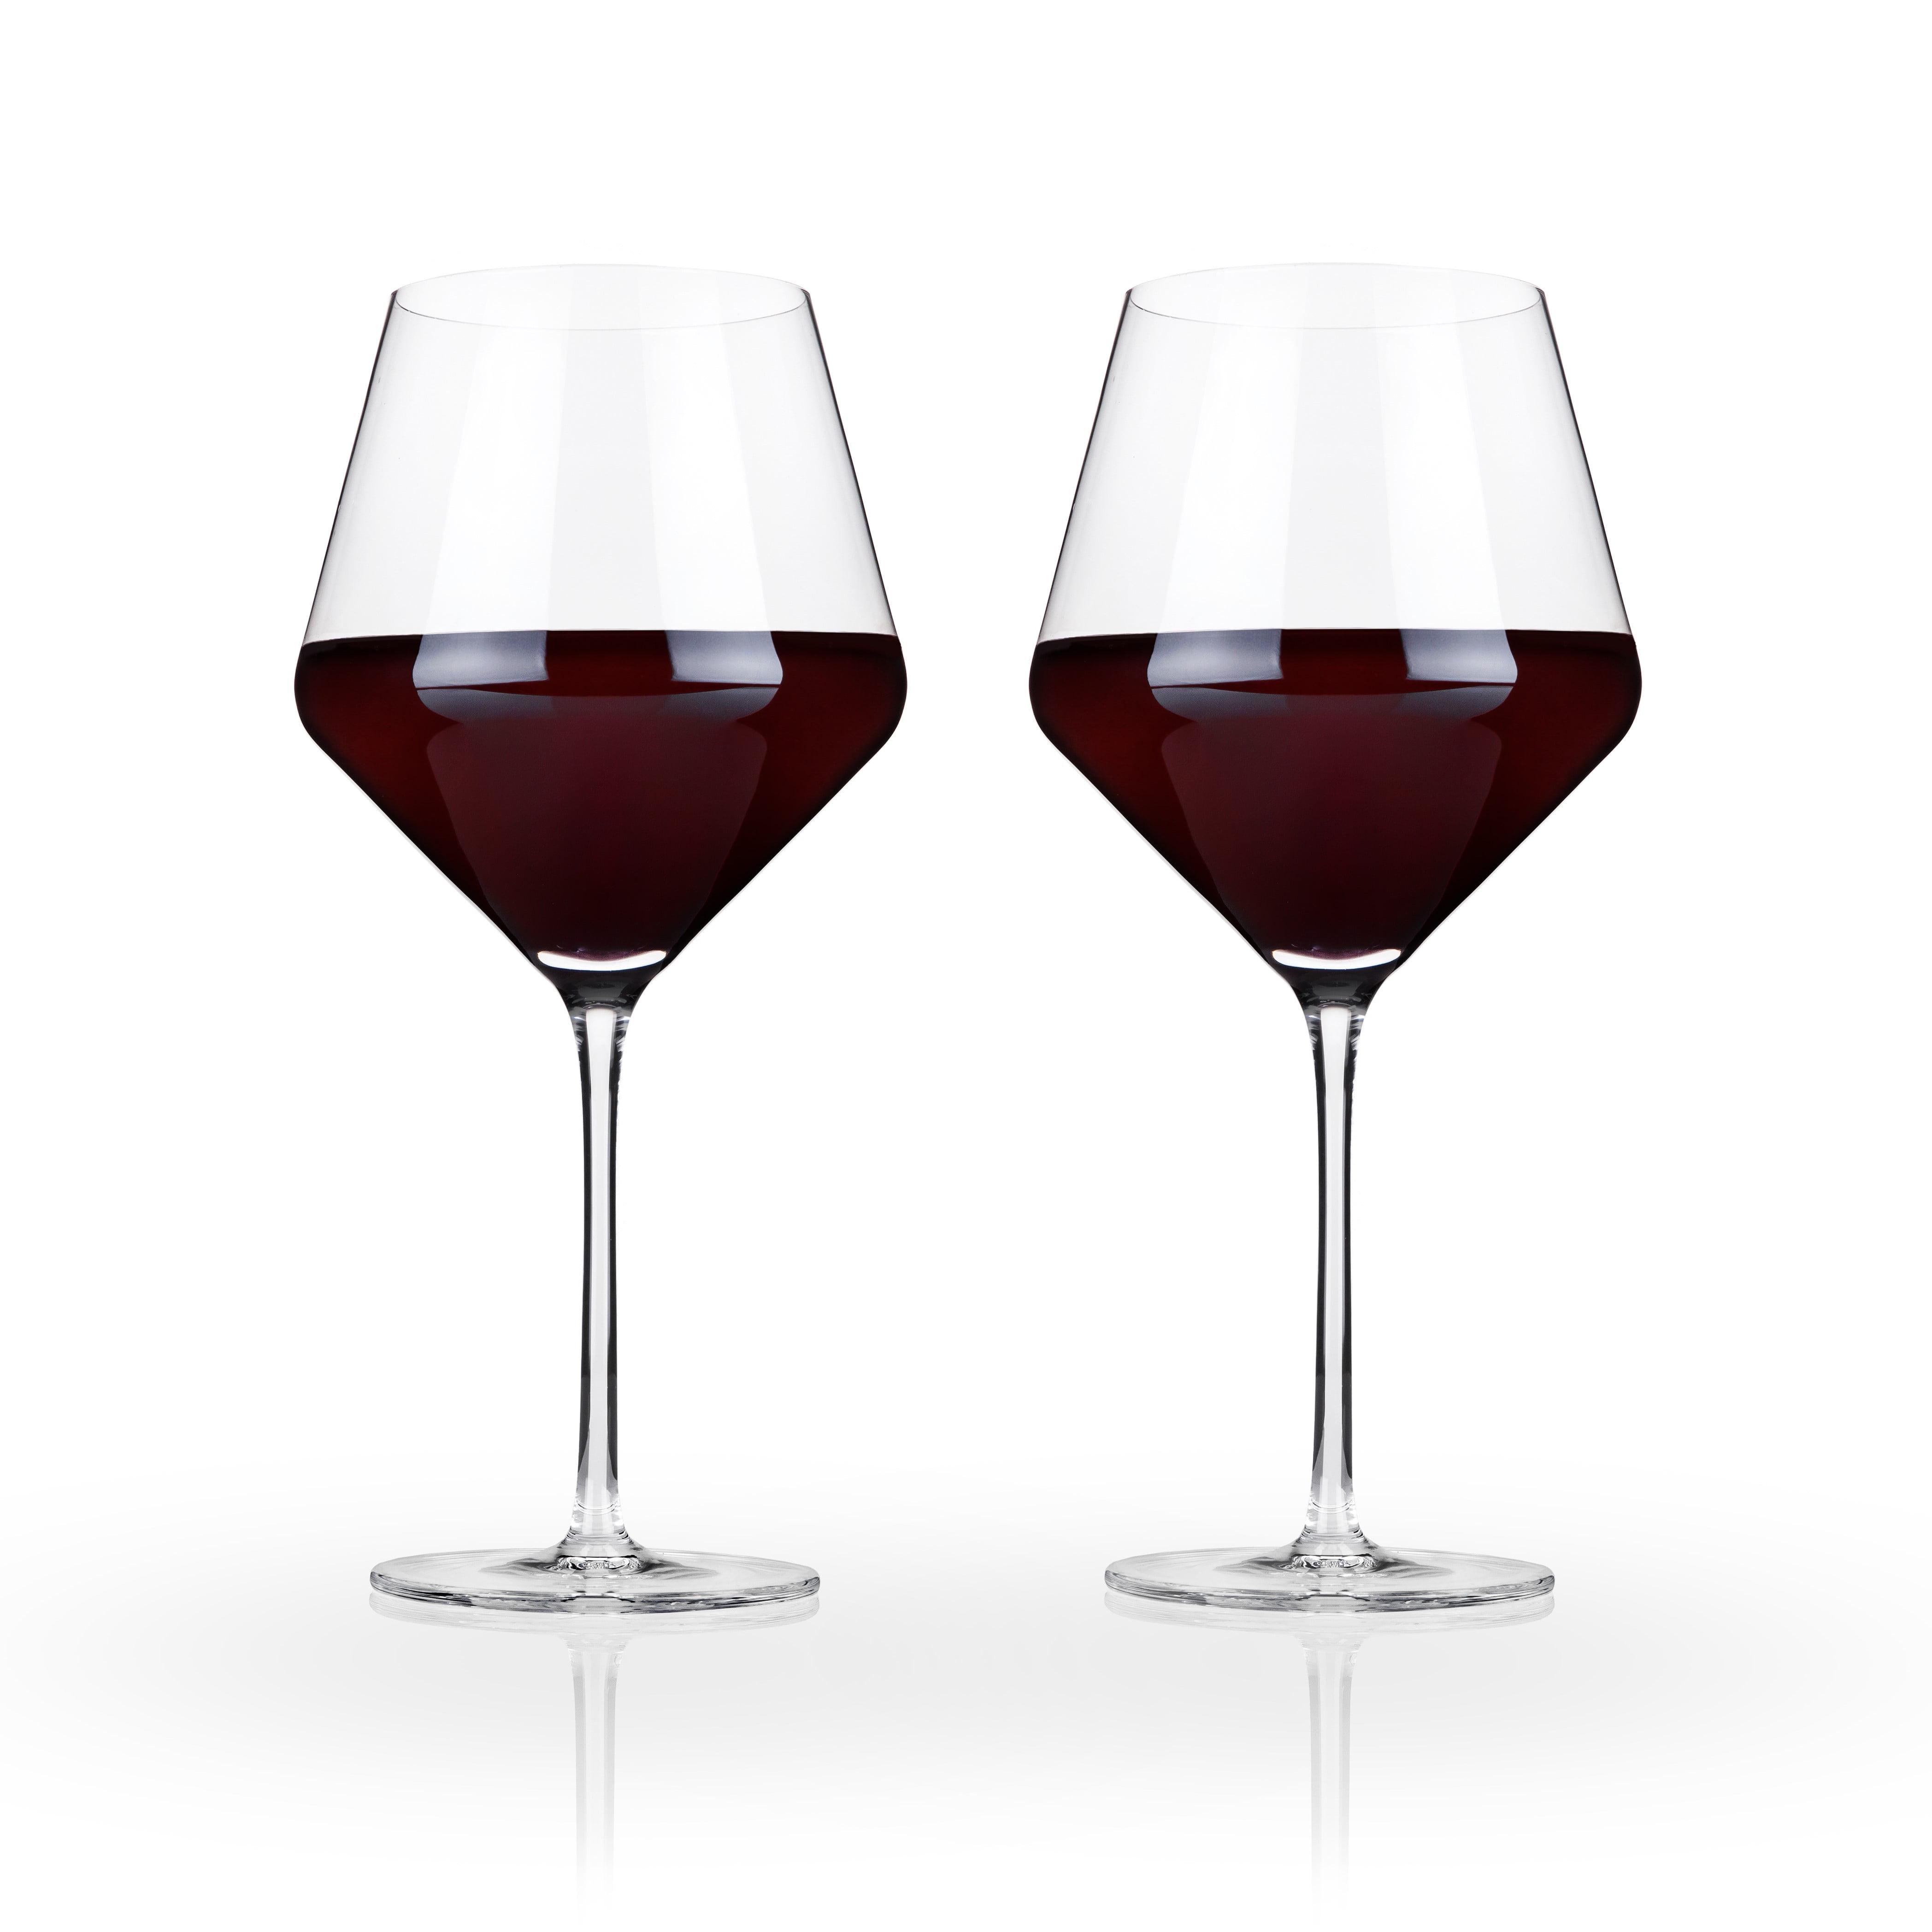 Viski Raye Crystal Burgundy Glasses (Set of 2) by True Brands